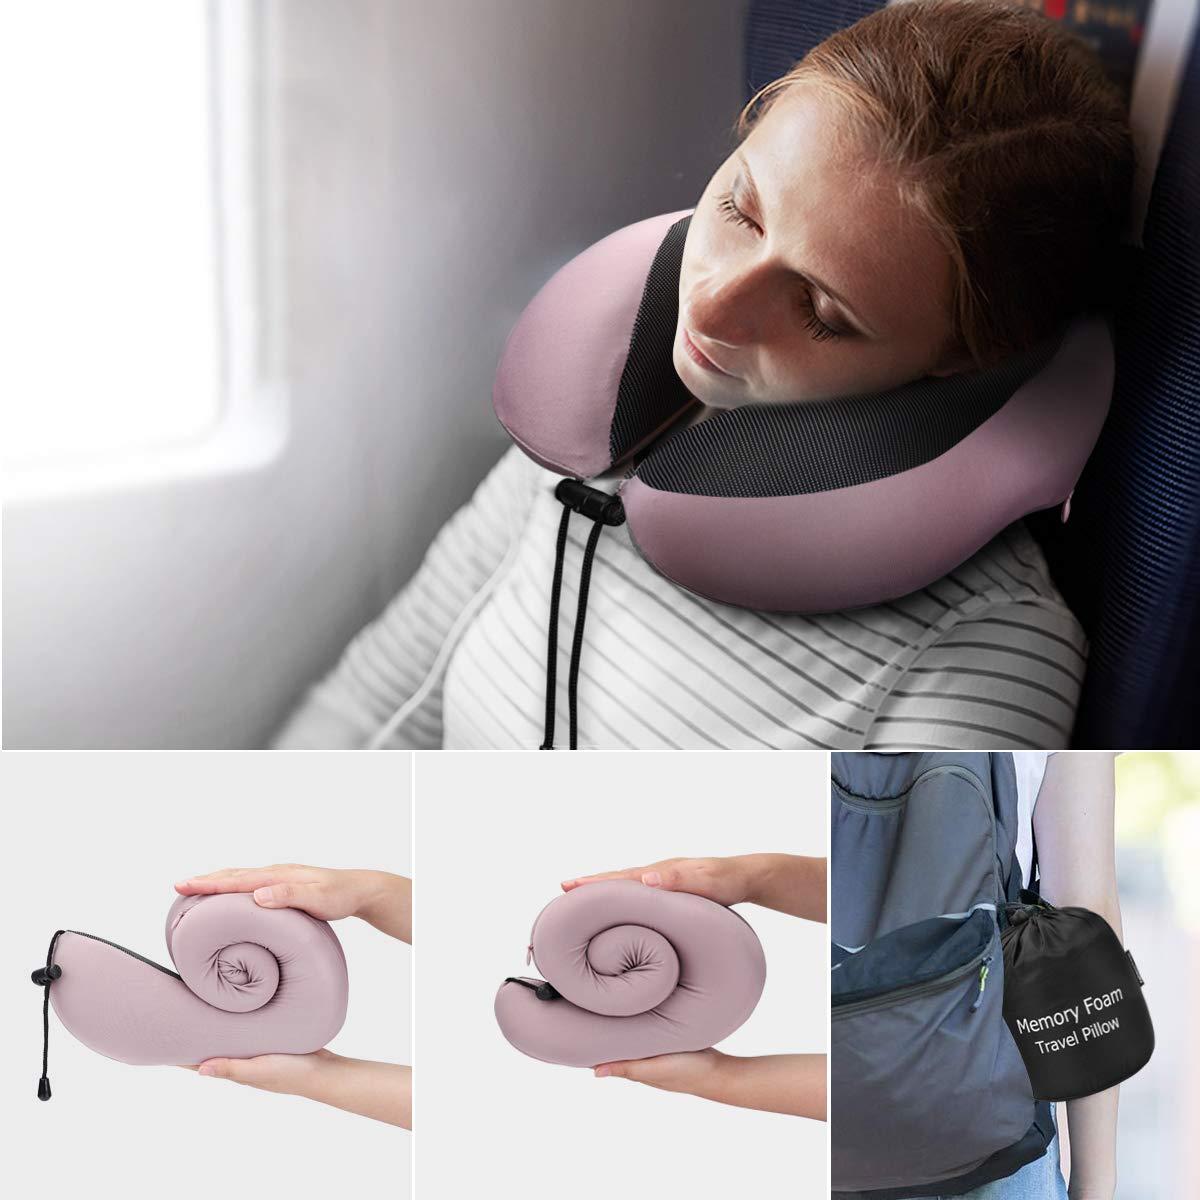 Almohada de Viaje, Keenstone Almohada para el Cuello Hecha de Espuma de Memoria Suave con Tapones para Los Oídos, Almohada Cervical con Función de Soporte Respirable y Ergonómica